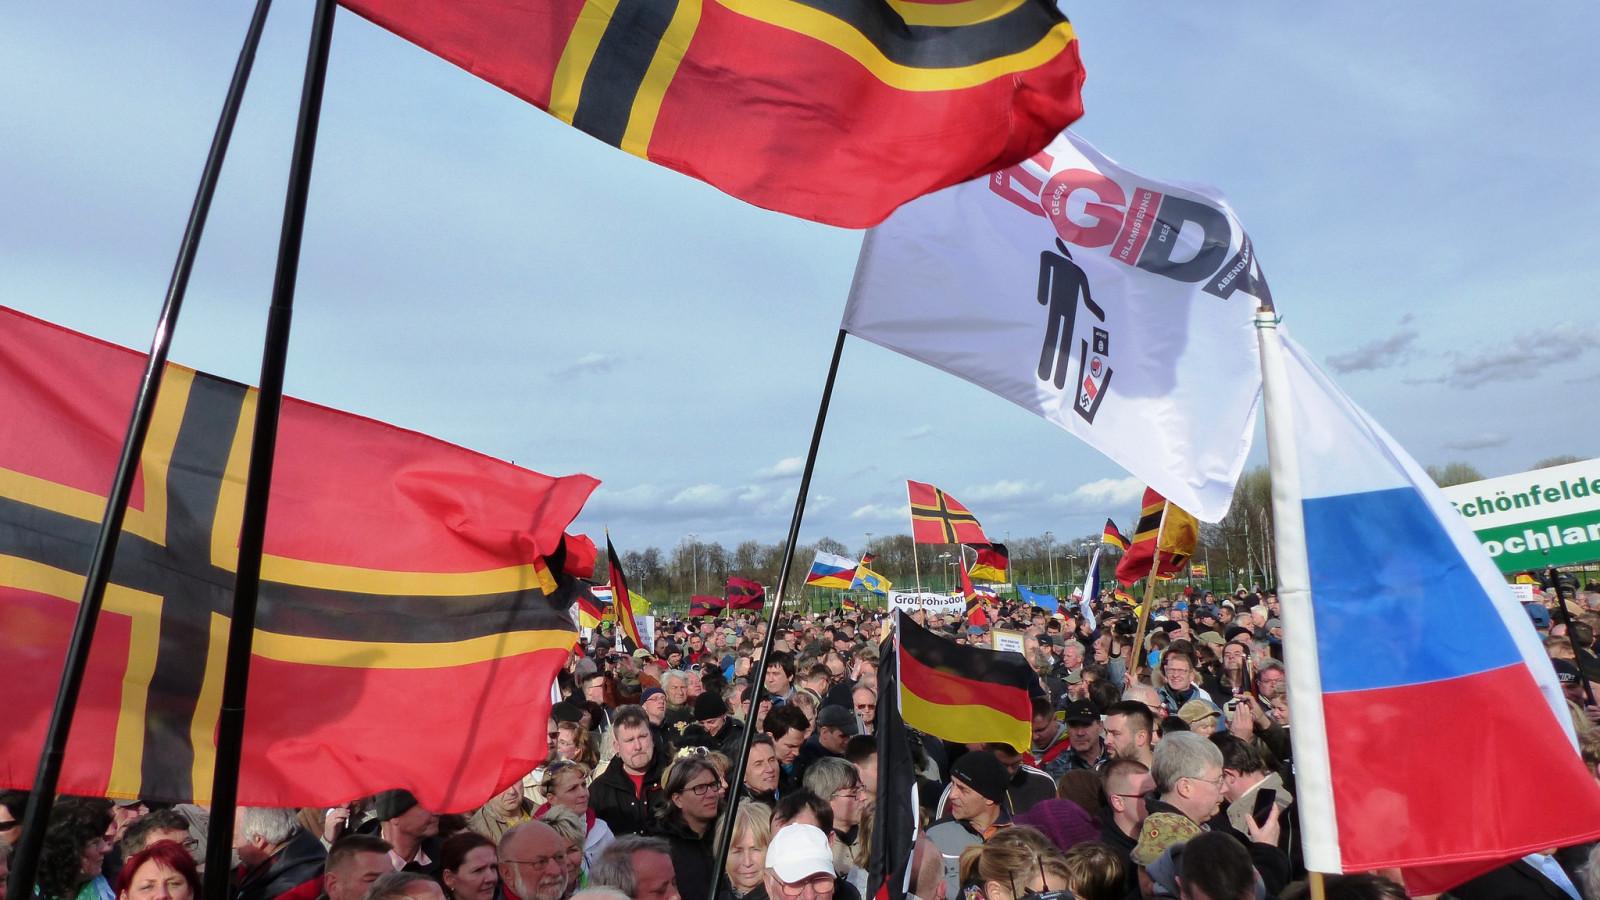 Flickr.com / Metropolico.org, Pegidademonstratie in het Duitse Dresden in 2015